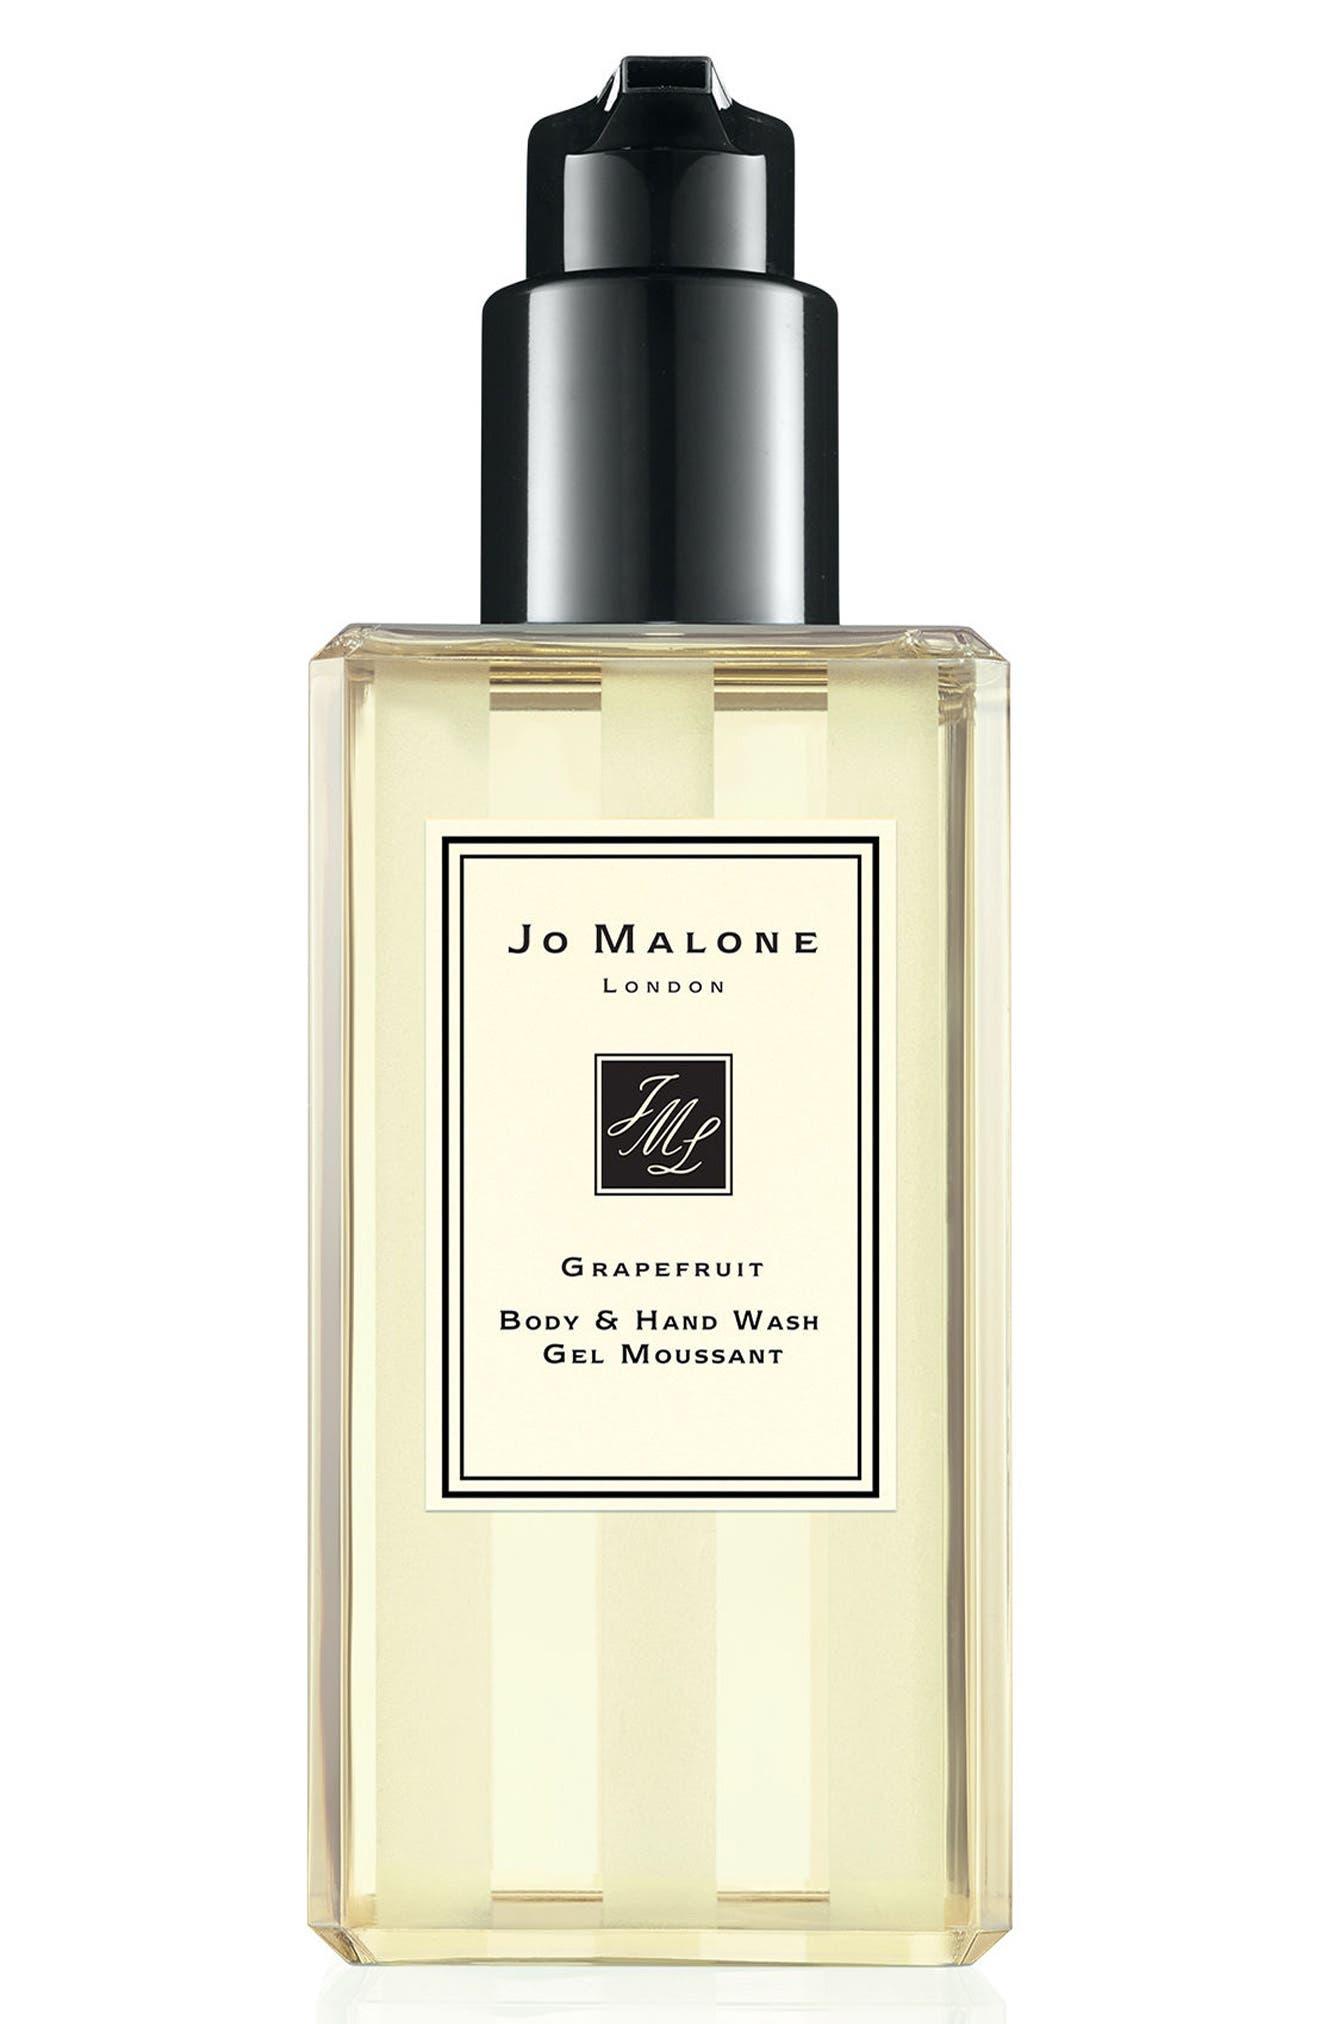 Jo Malone London™ Grapefruit Body & Hand Wash